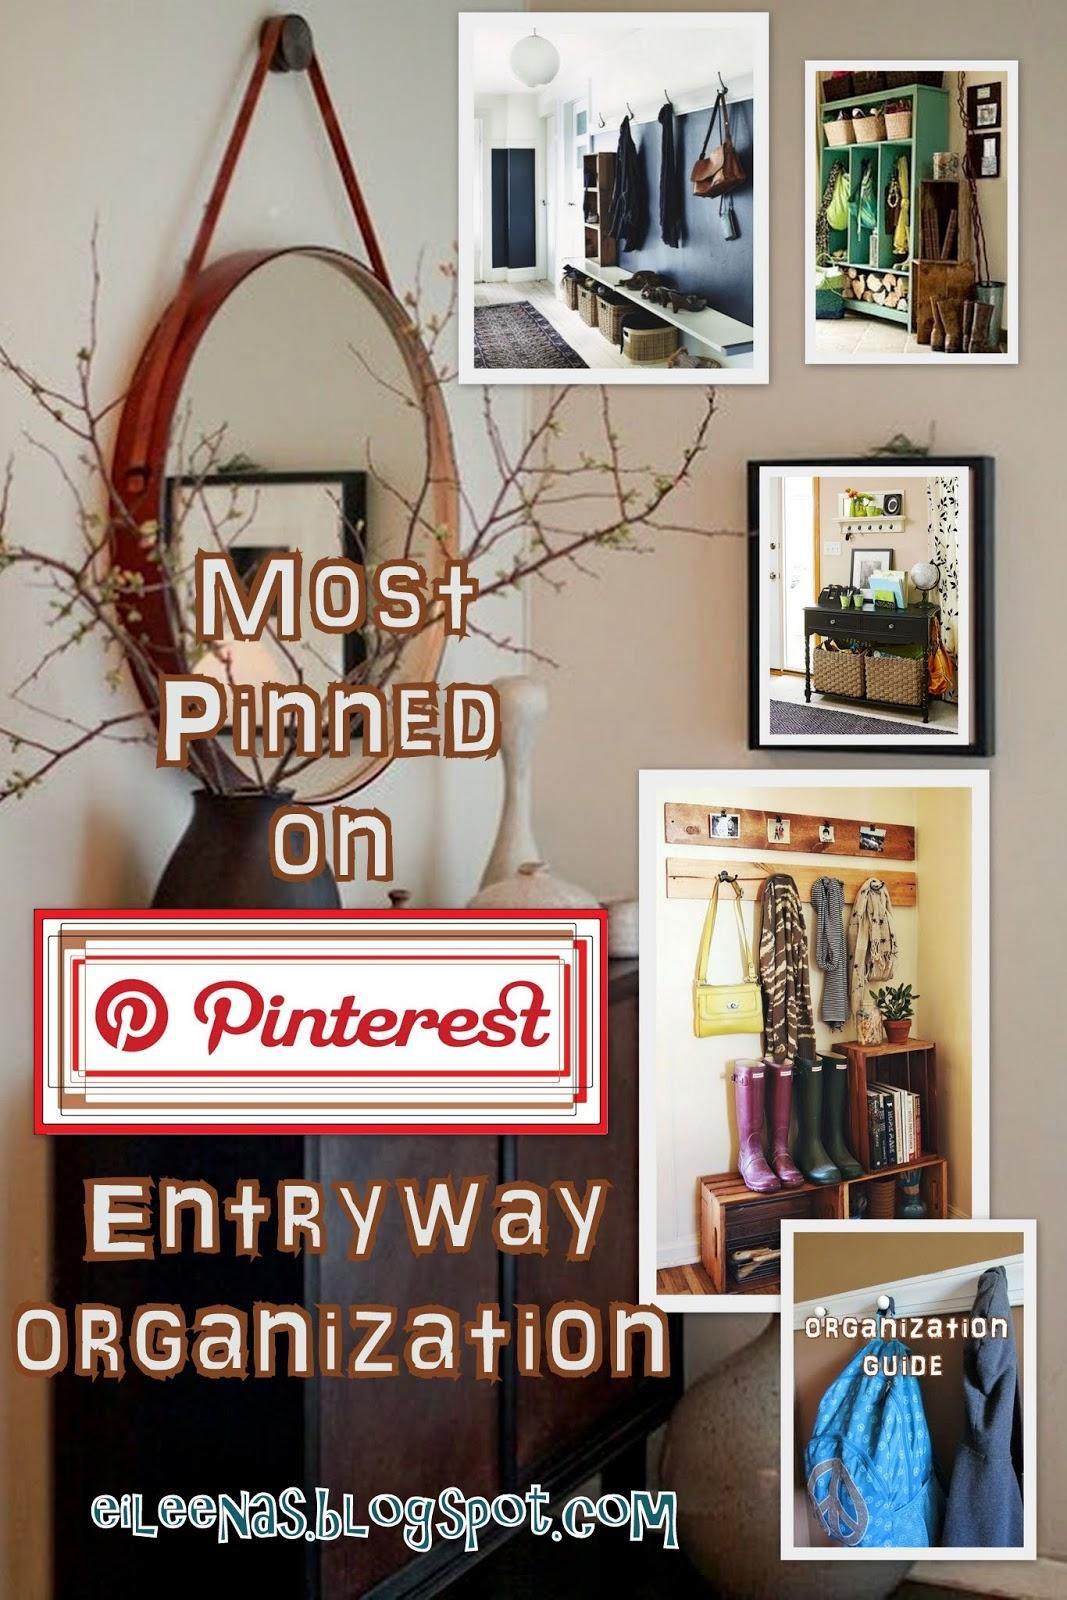 Eileenas Pinterest Board